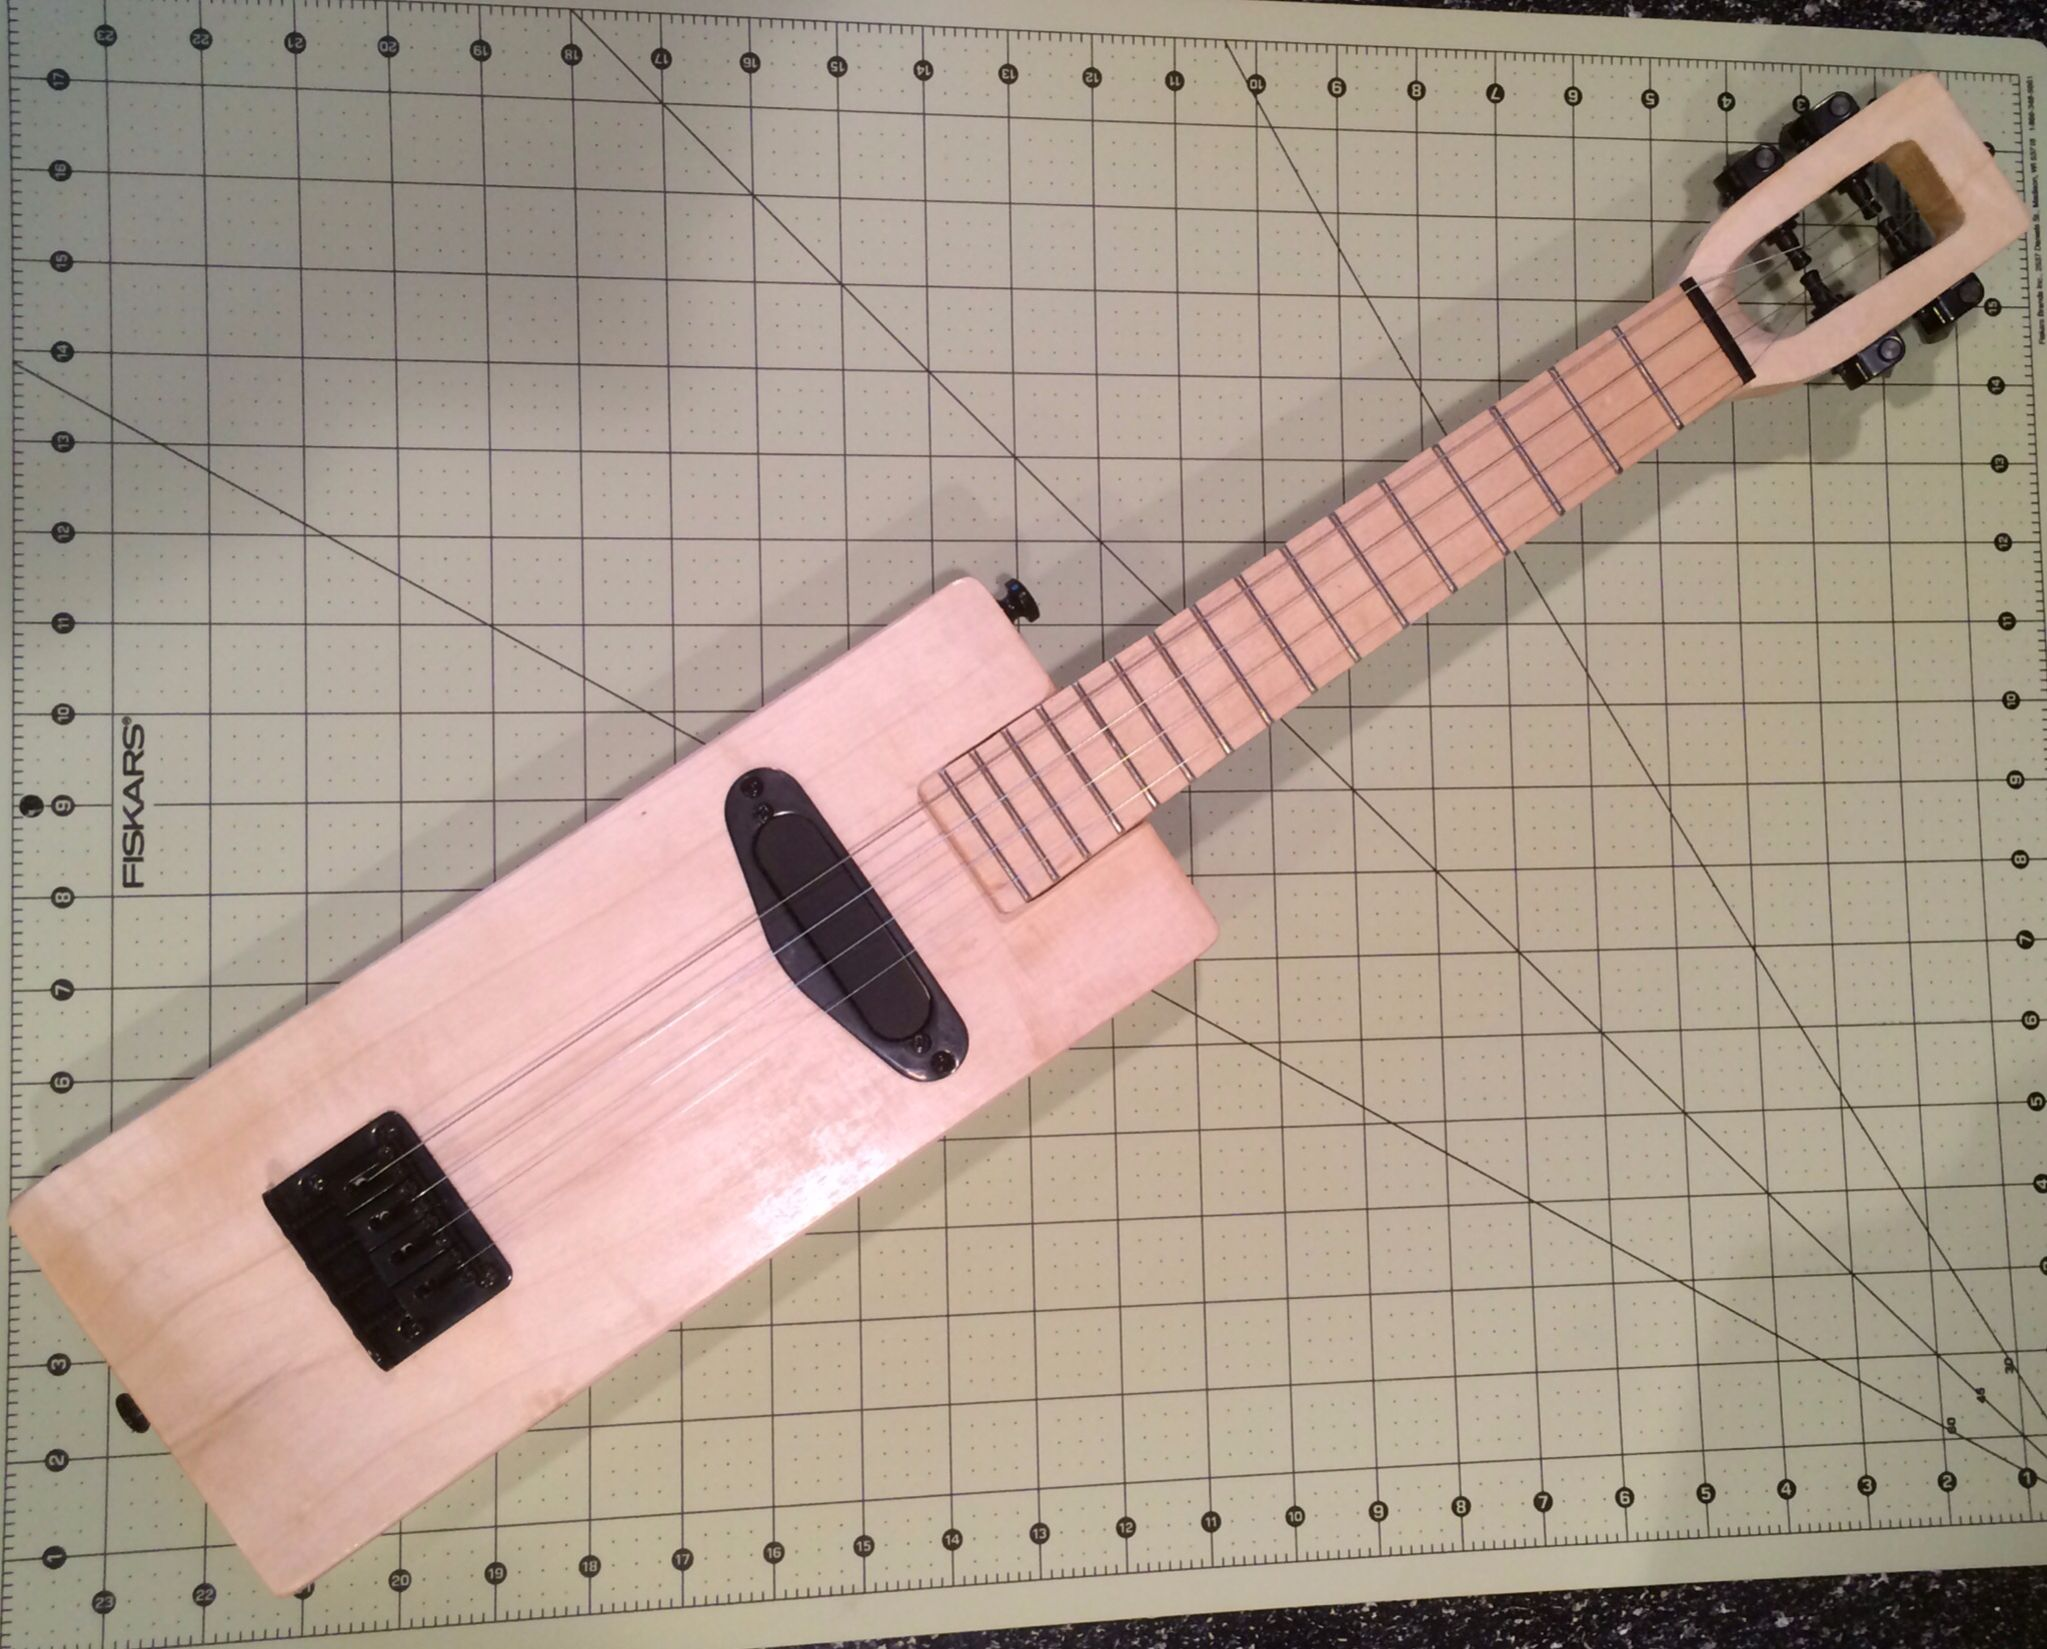 basic electric ukulele free plans coming soon my ukulele projects ukulele cigar box. Black Bedroom Furniture Sets. Home Design Ideas